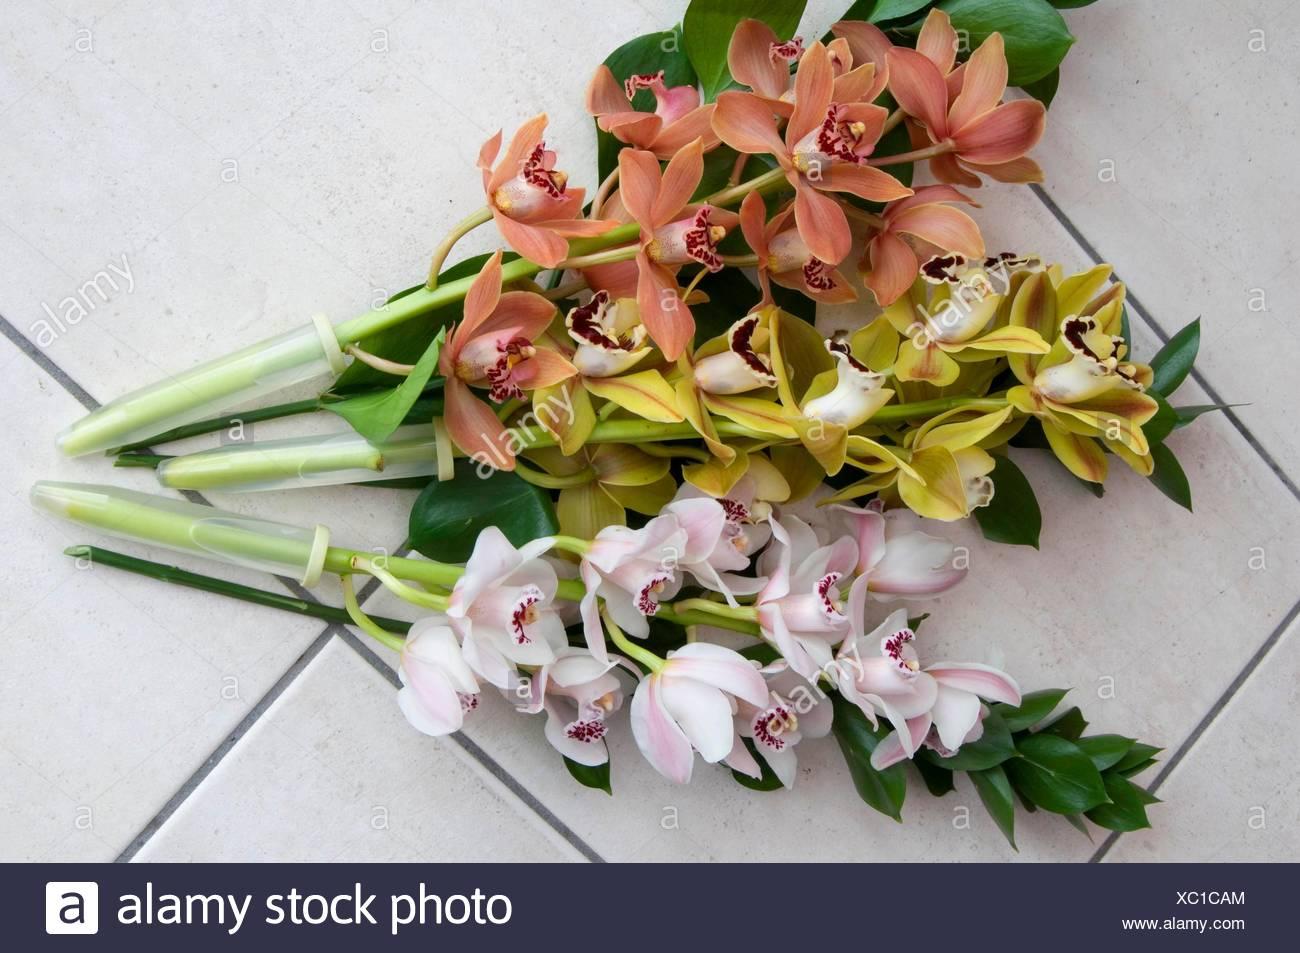 Flower arrangementcut flowers cymbidium orchids with their own flower arrangementcut flowers cymbidium orchids with their own water resevoirs miw253205 p izmirmasajfo